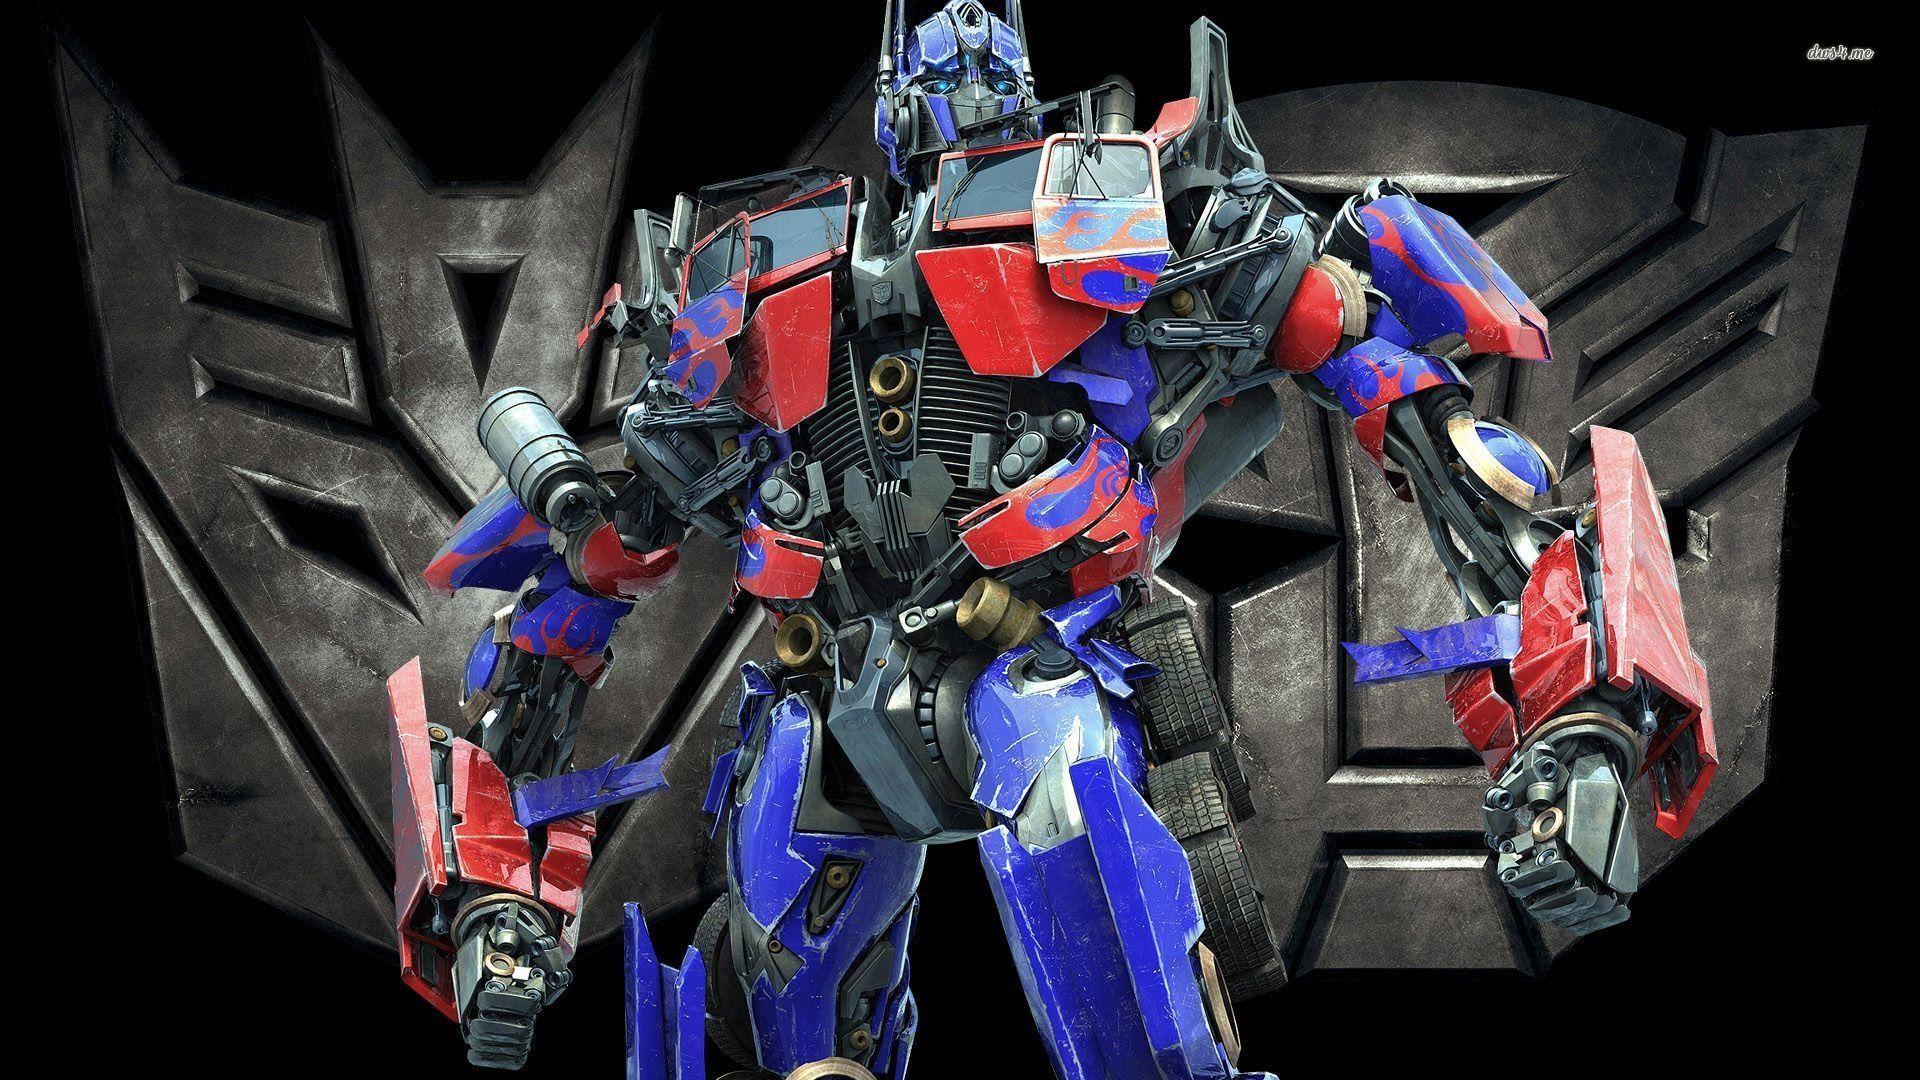 Transformers optimus prime artwork hd desktop wallpaper - Transformers prime wallpaper ...